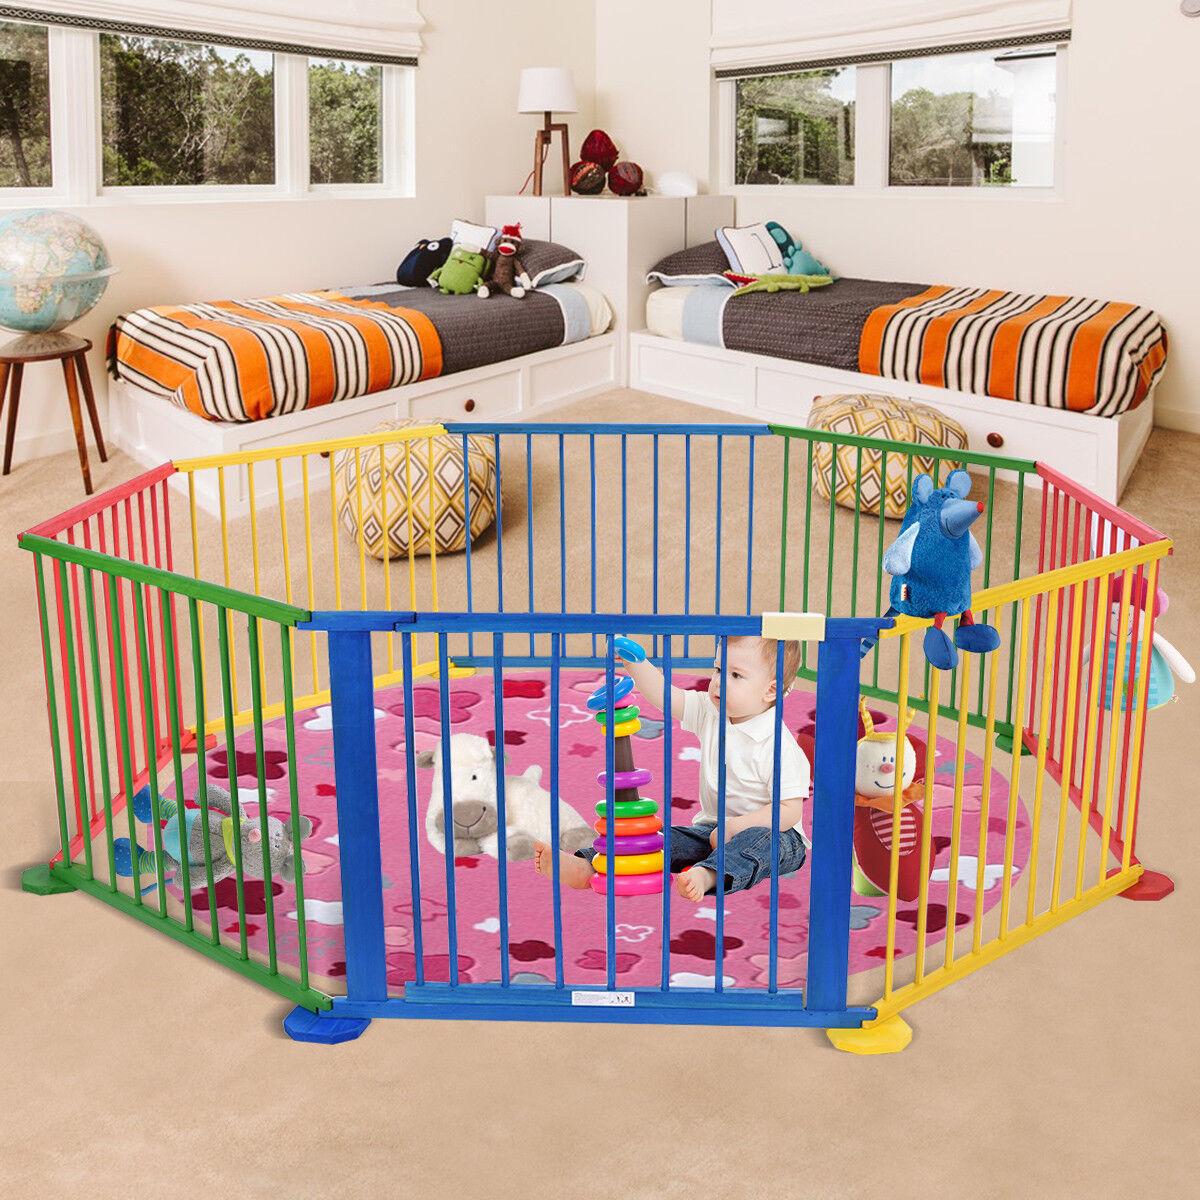 laufstall test vergleich laufstall g nstig kaufen. Black Bedroom Furniture Sets. Home Design Ideas